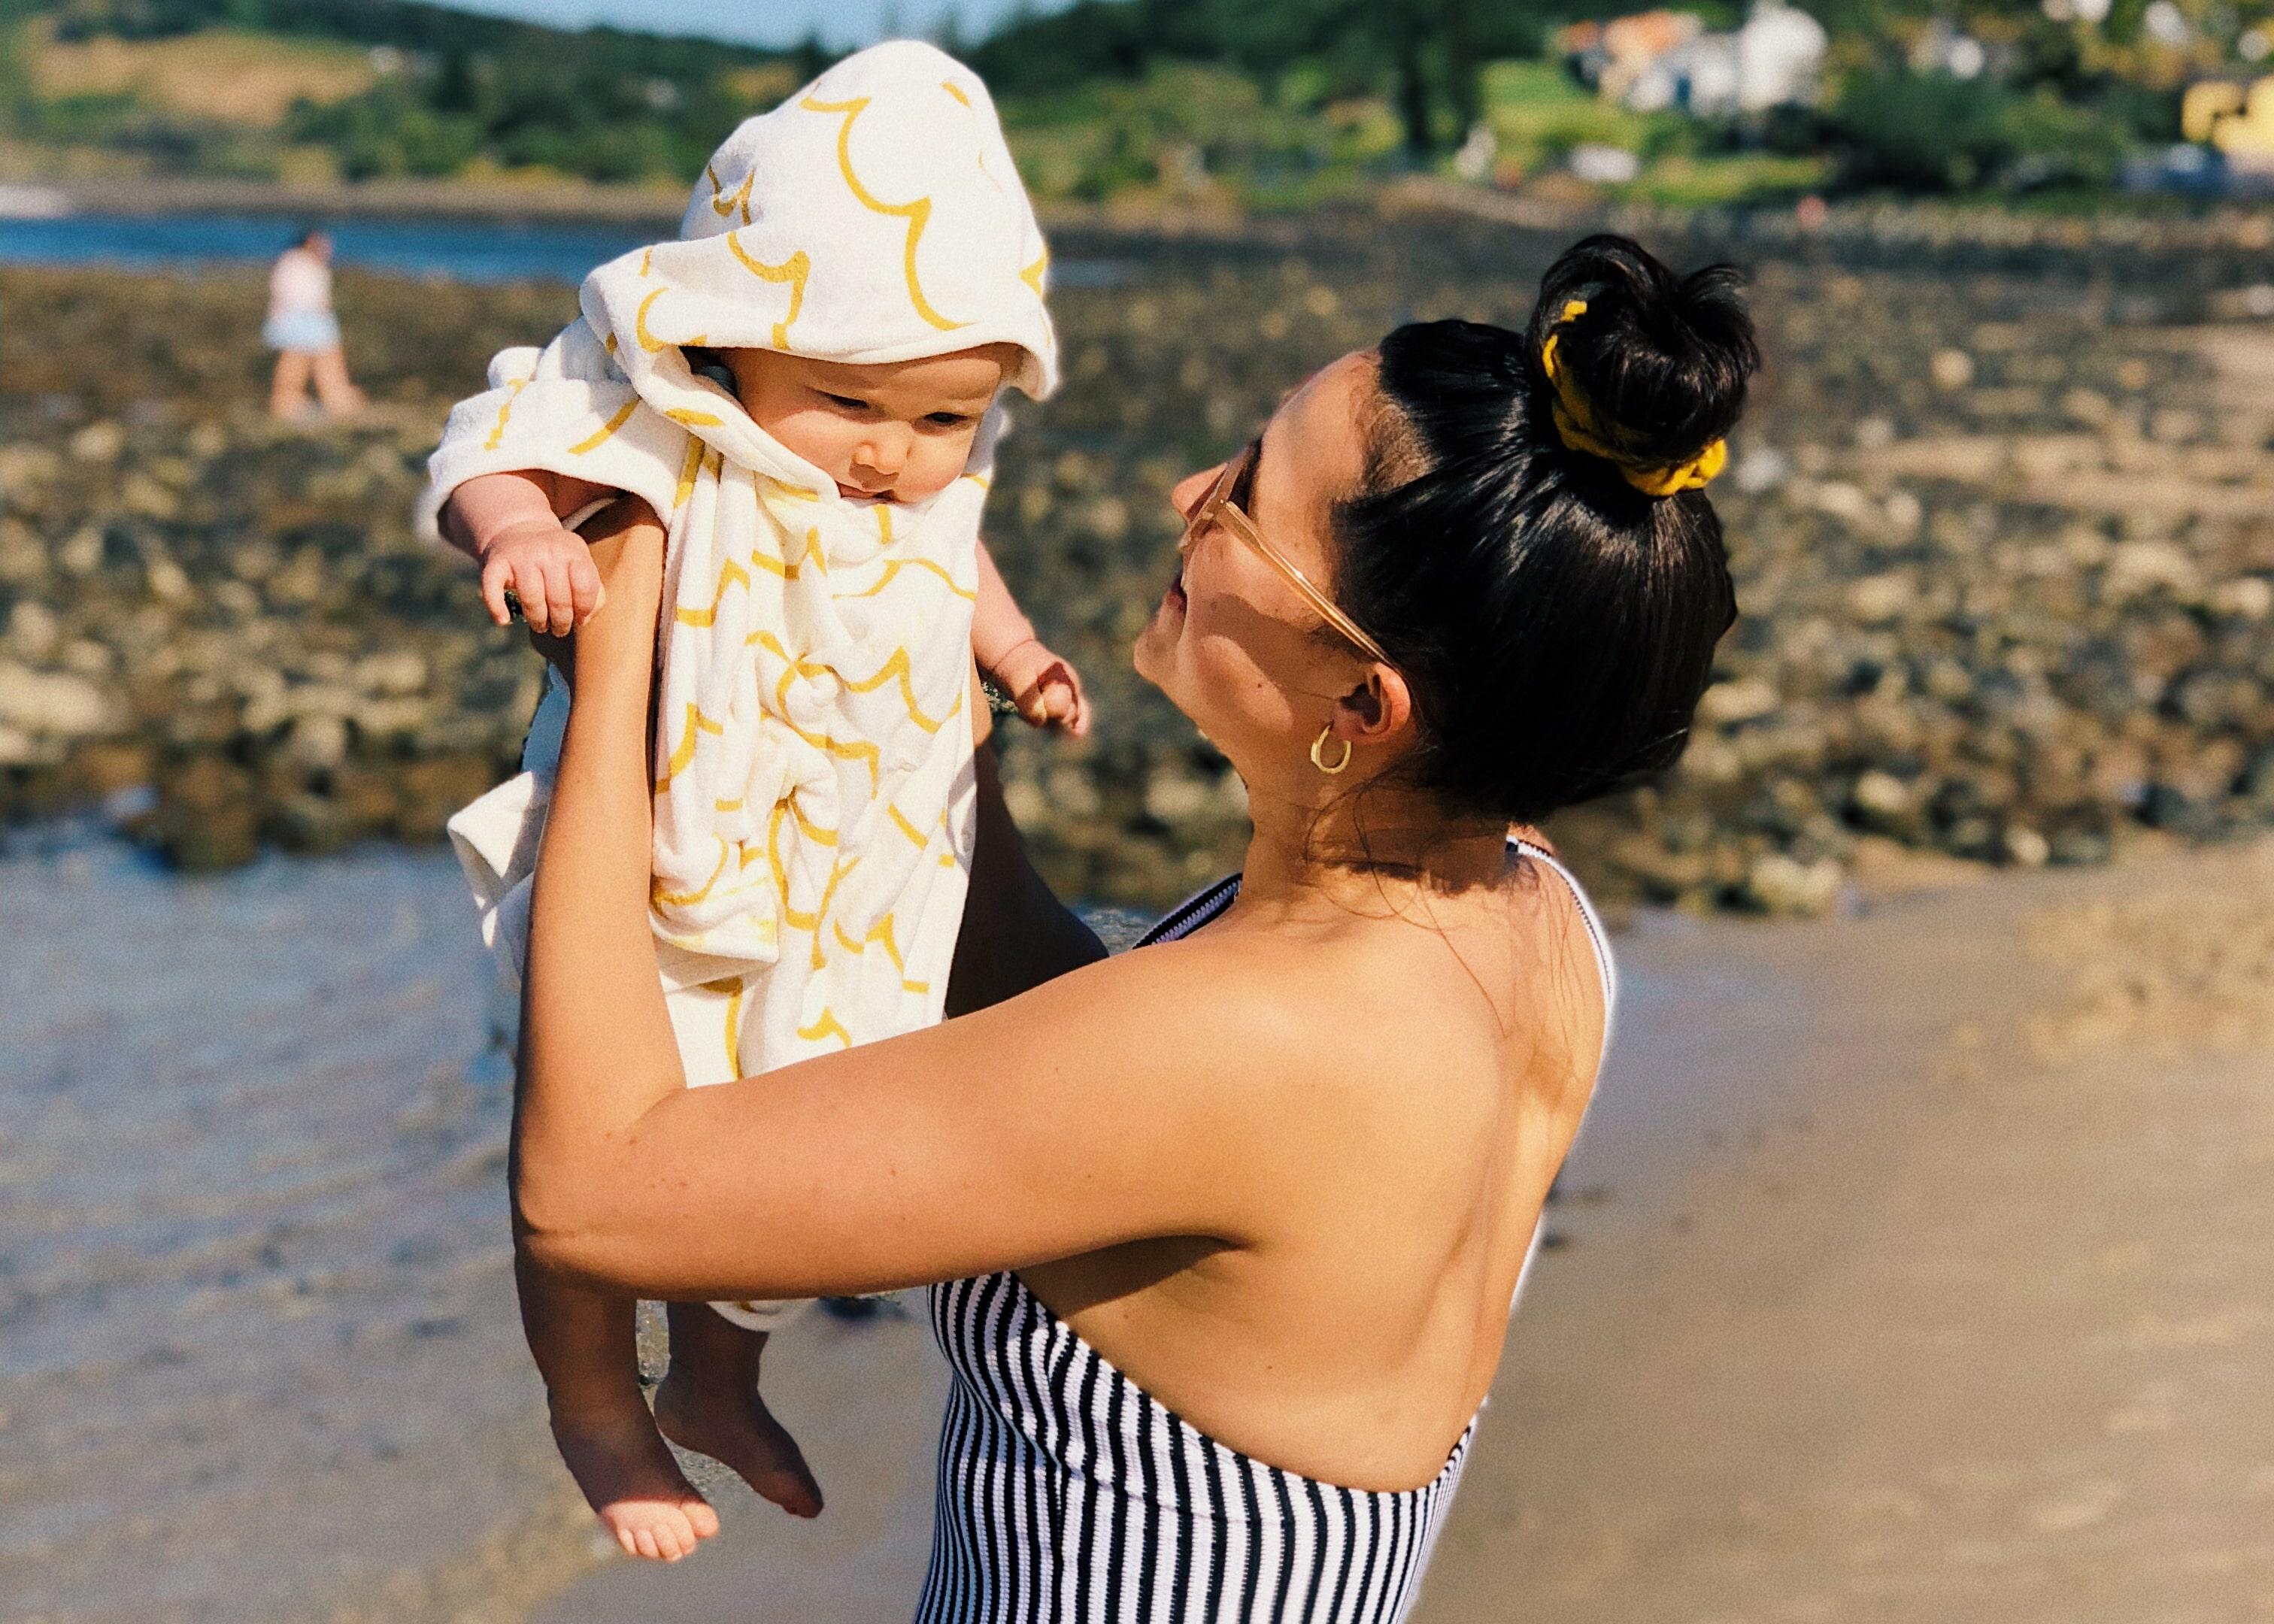 motherhood: sophie pearce